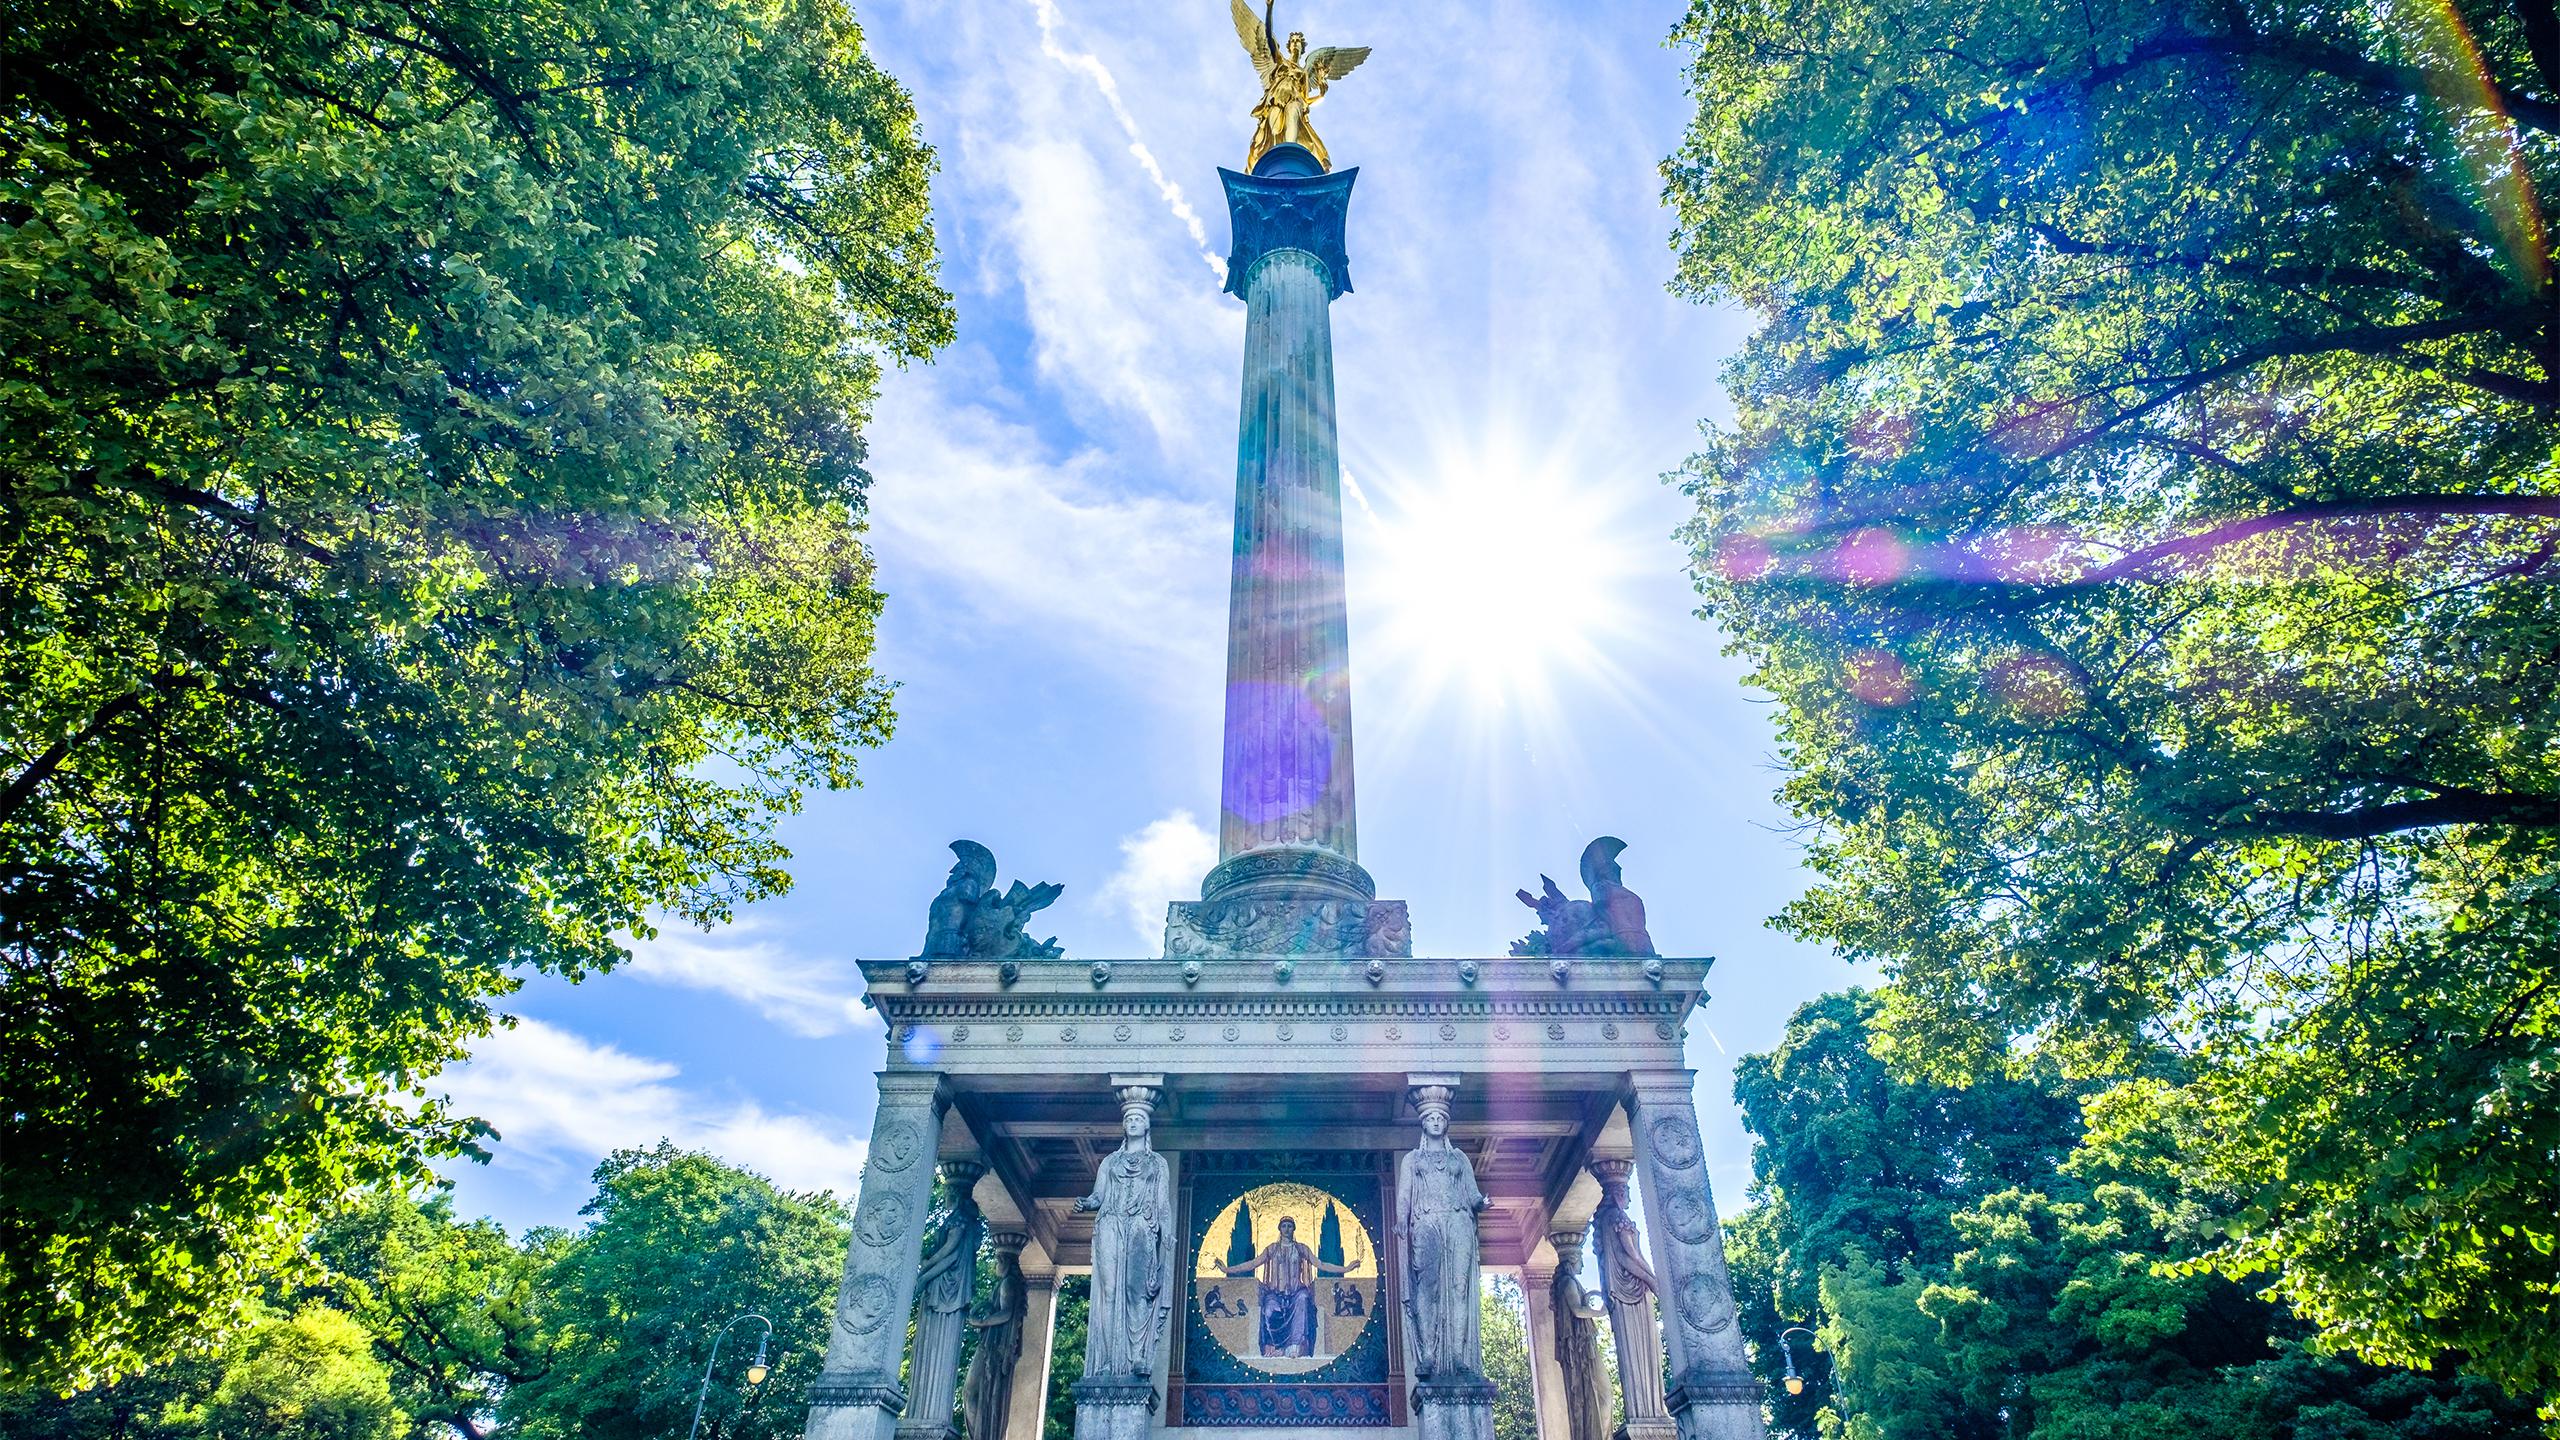 Der berühmte Friedensengel in München aus Froschperspektive